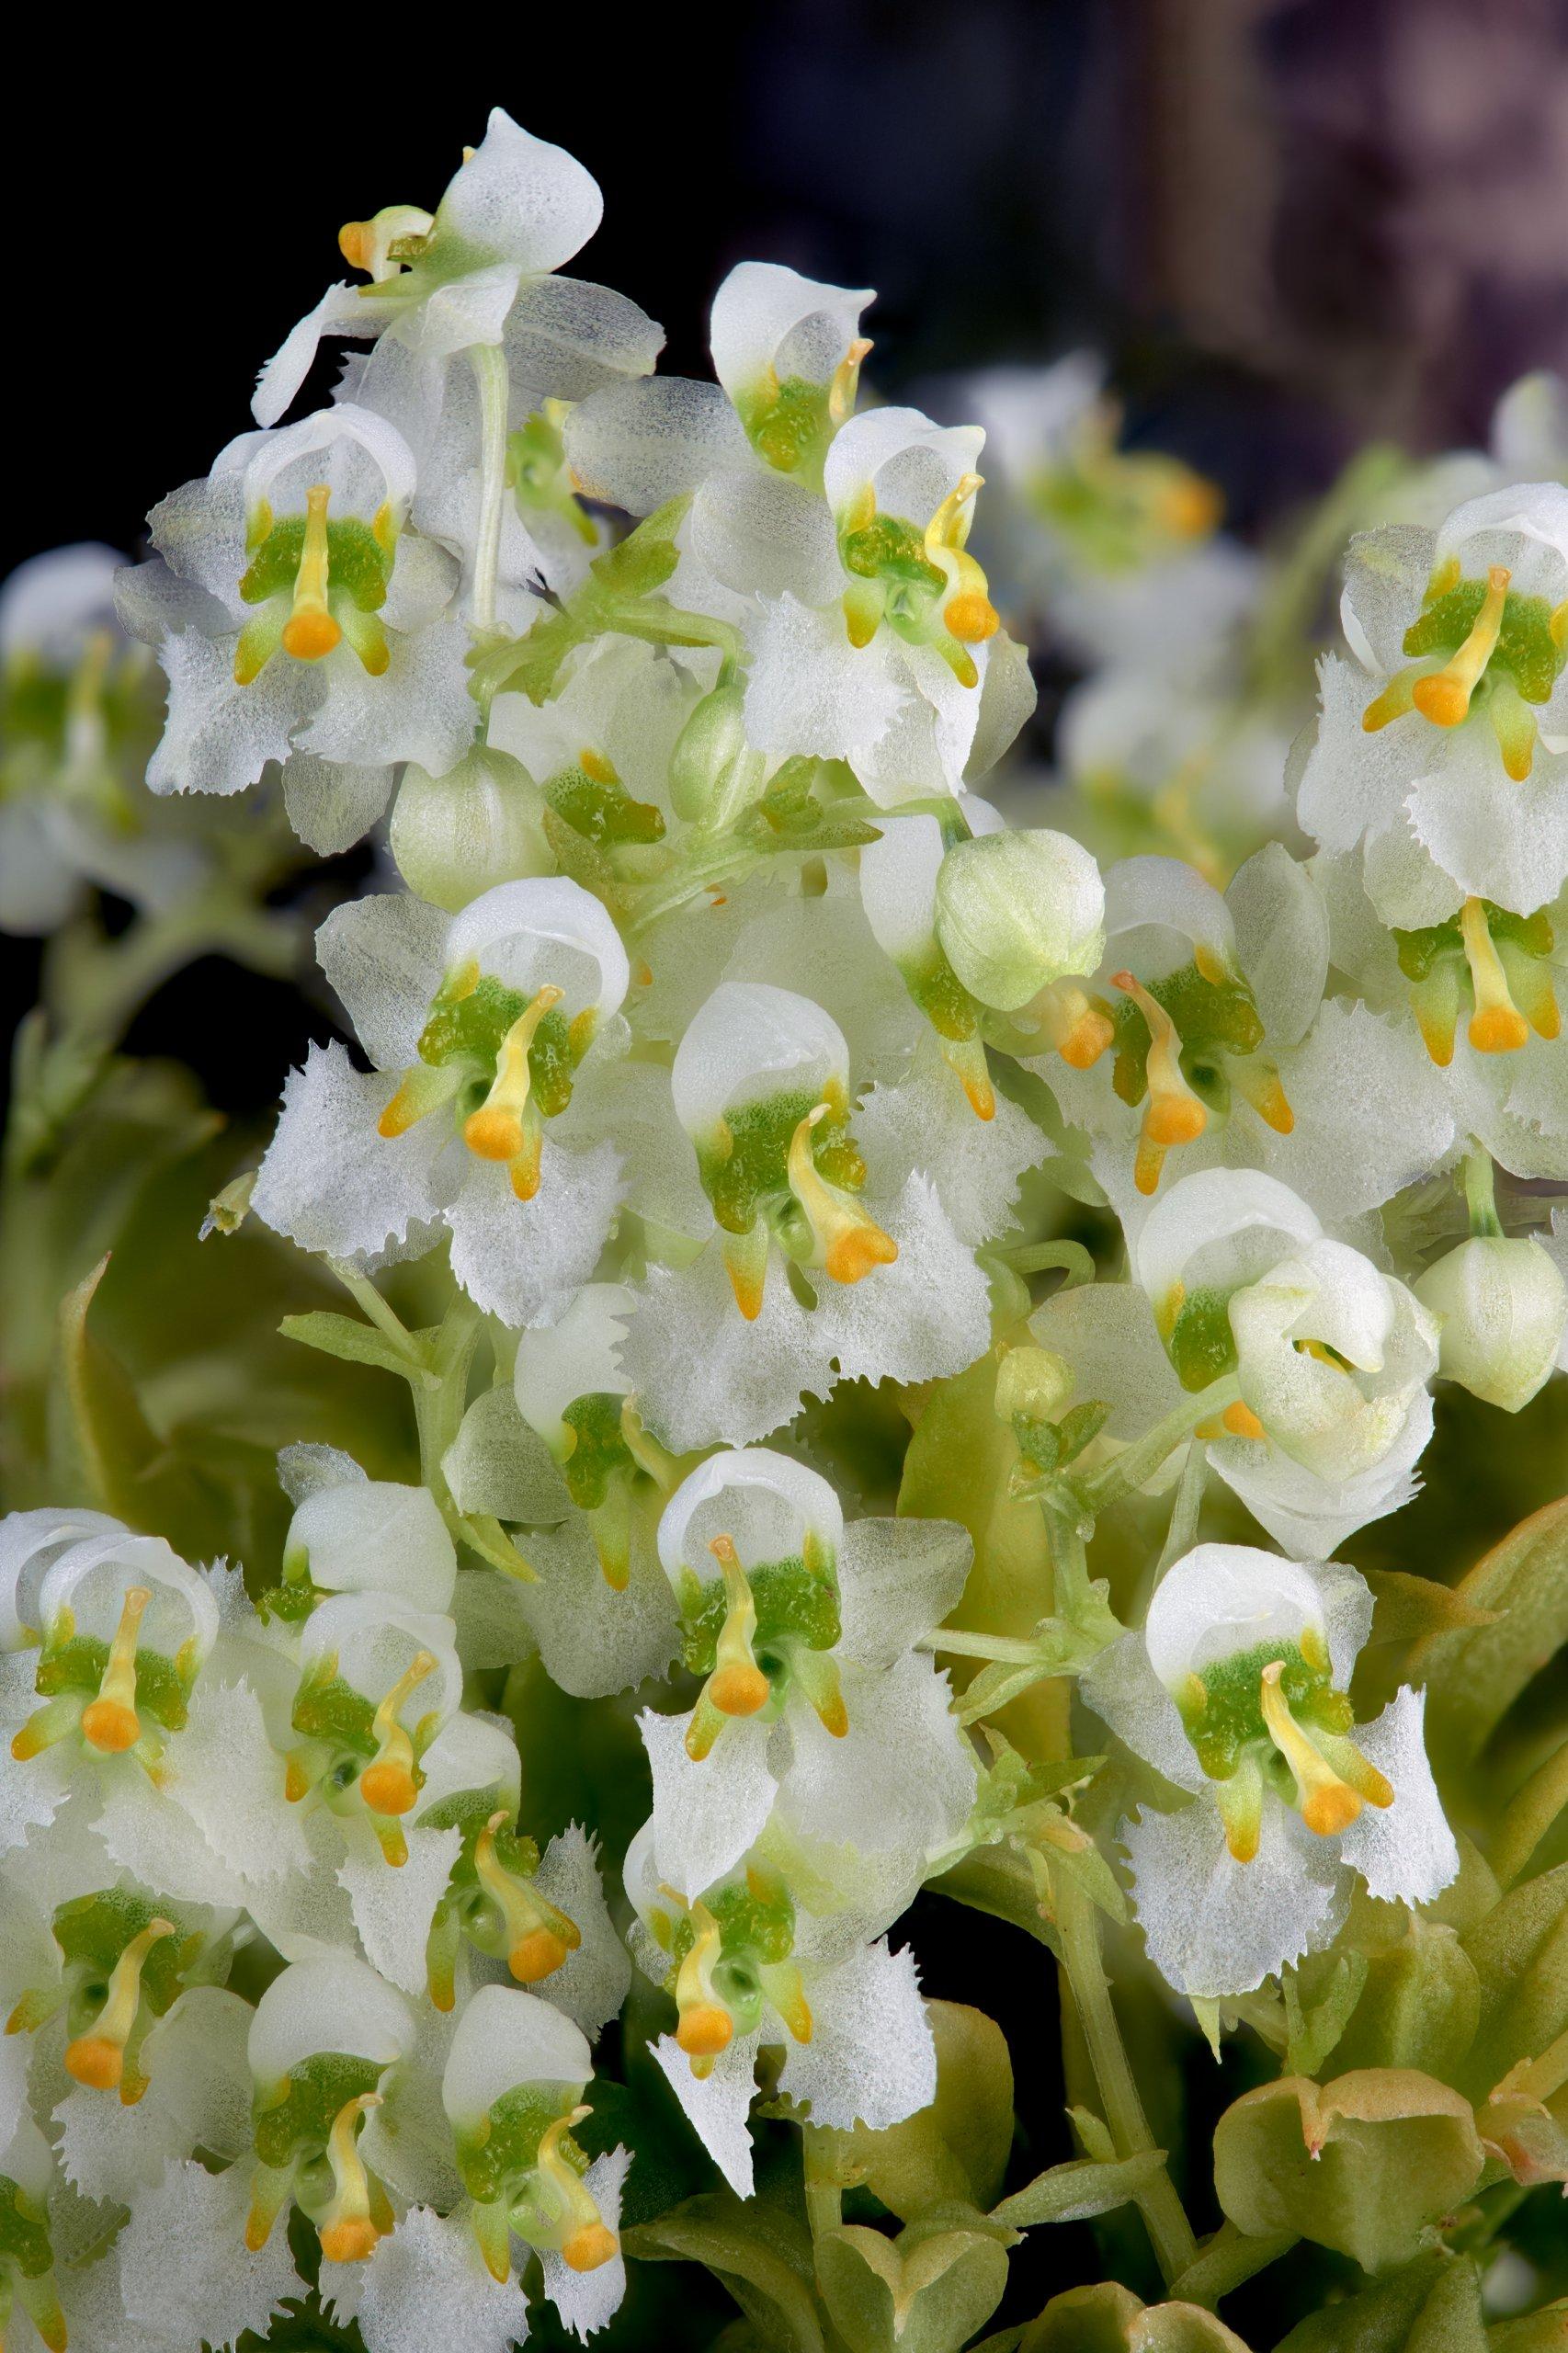 Zygostates alleniana flowers.jpg